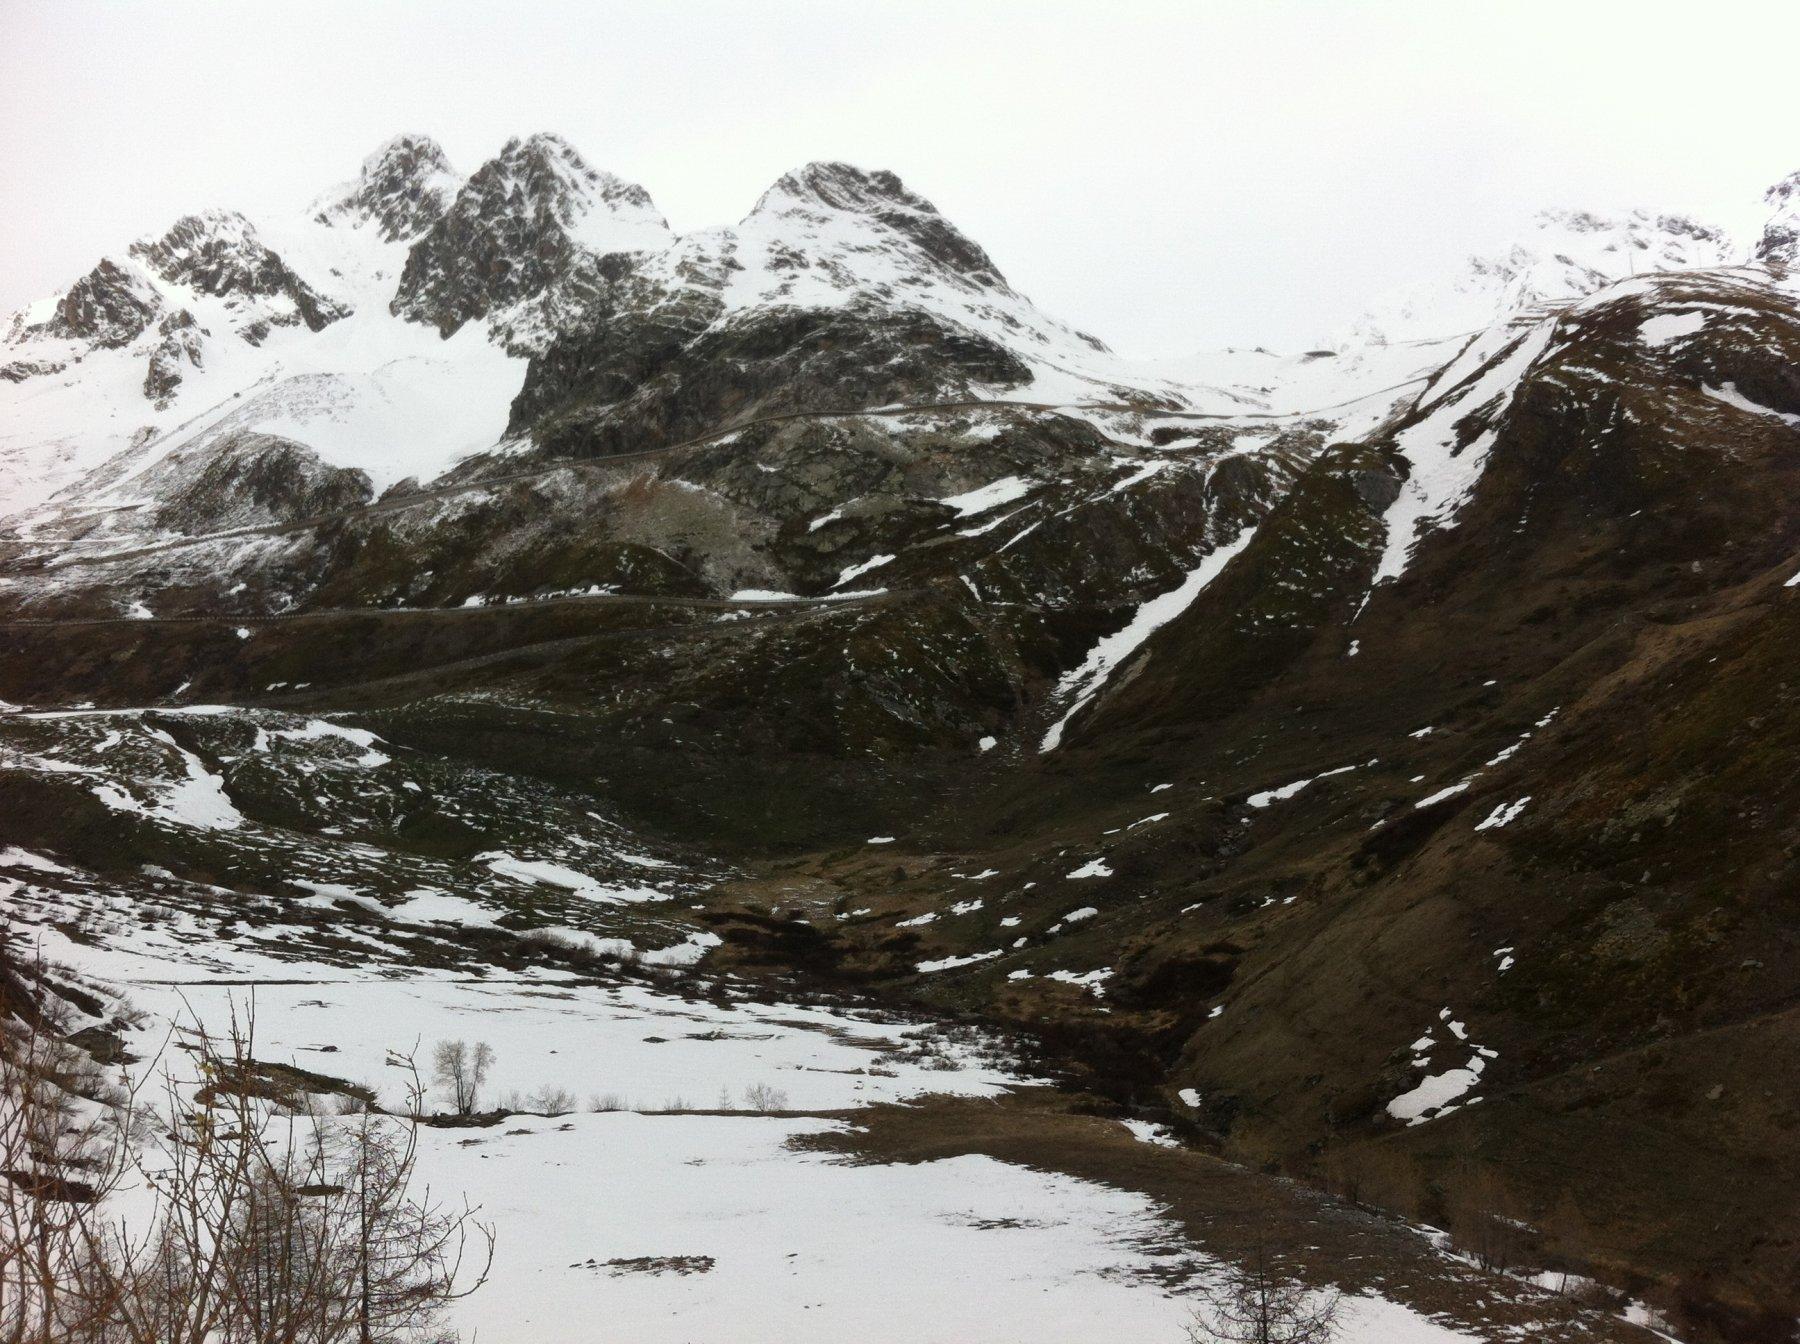 il tratto senza neve dopo il canale